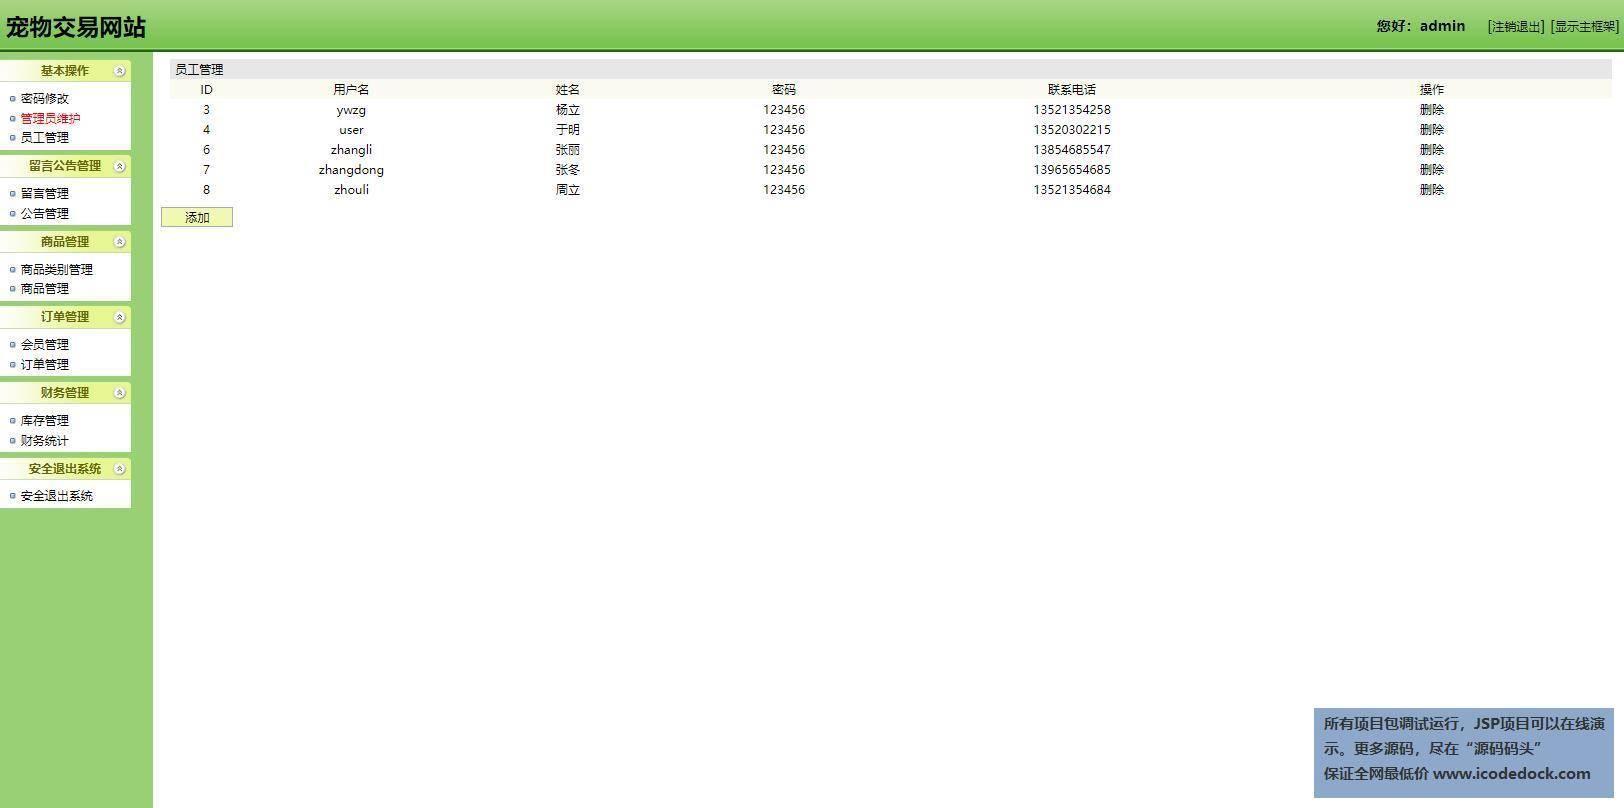 源码码头-SSH宠物交易管理系统-管理员角色-员工管理